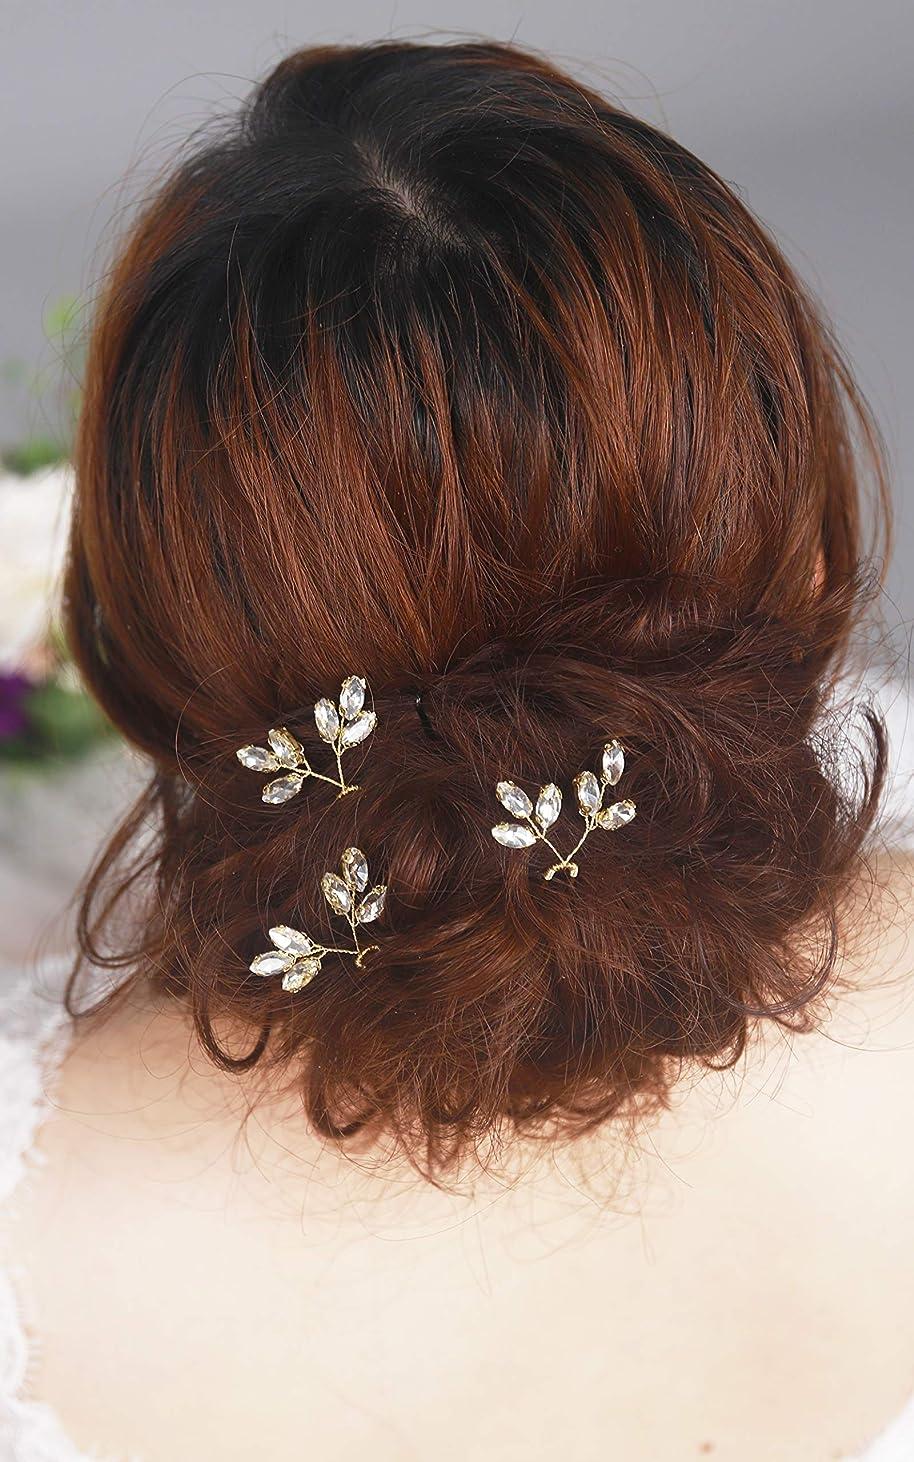 ポップヶ月目経験者Kricesbeauty 3 個 セットゴールド 葉 クリスタル ヘアピン 花嫁髪飾り 結婚式 レディース 髪の櫛 (ローズゴールド)